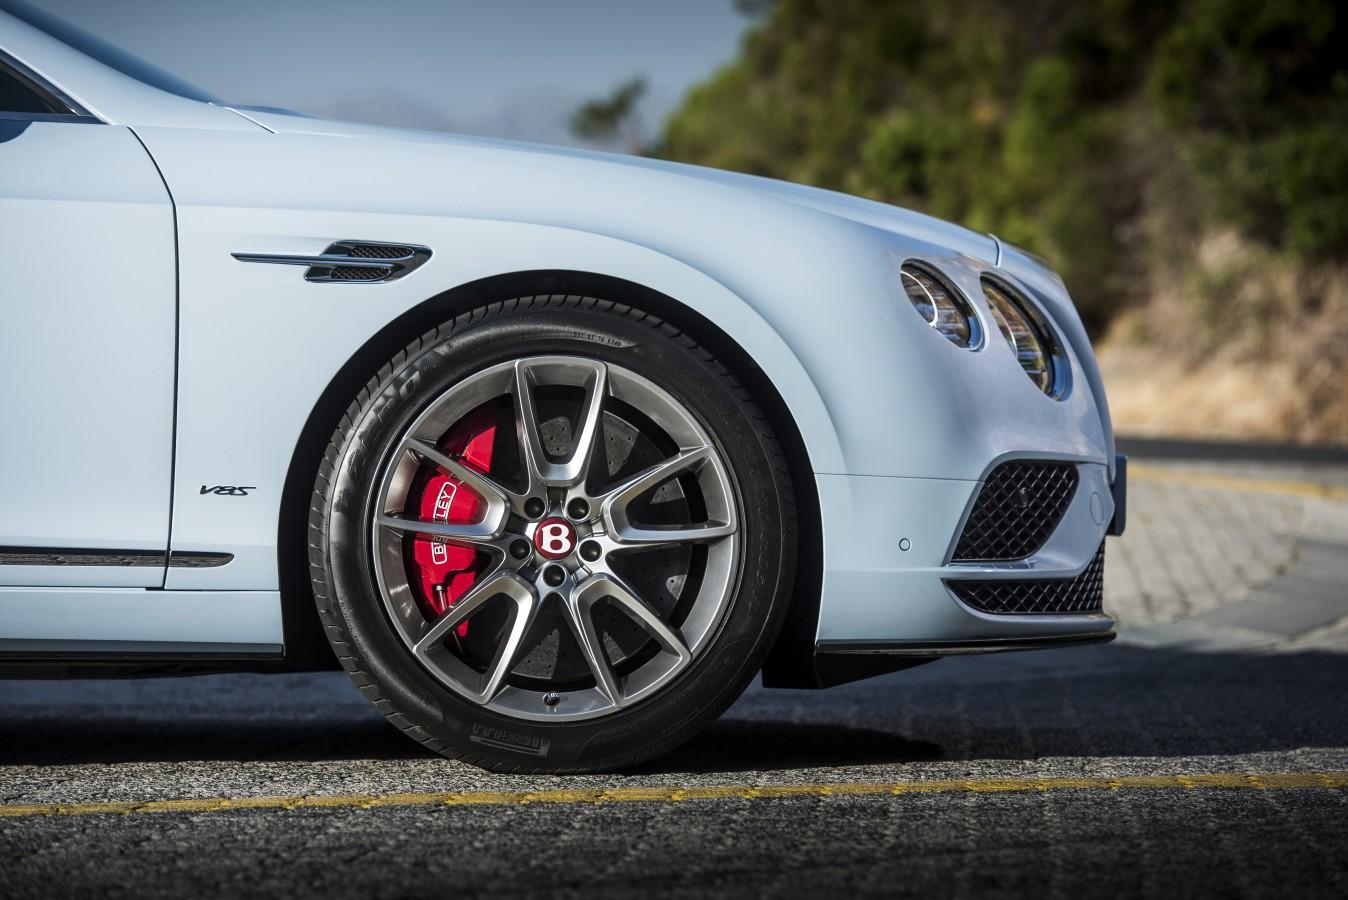 BENTLEY CONTINENTAL GT от 5 450 000 руб.* СЕГОДНЯ, ВТОРАЯ ПОЛОВИНА СТОИМОСТИ — ЧЕРЕЗ ГОД - изображение Continental-GT-V8-S на Bentleymoscow.ru!